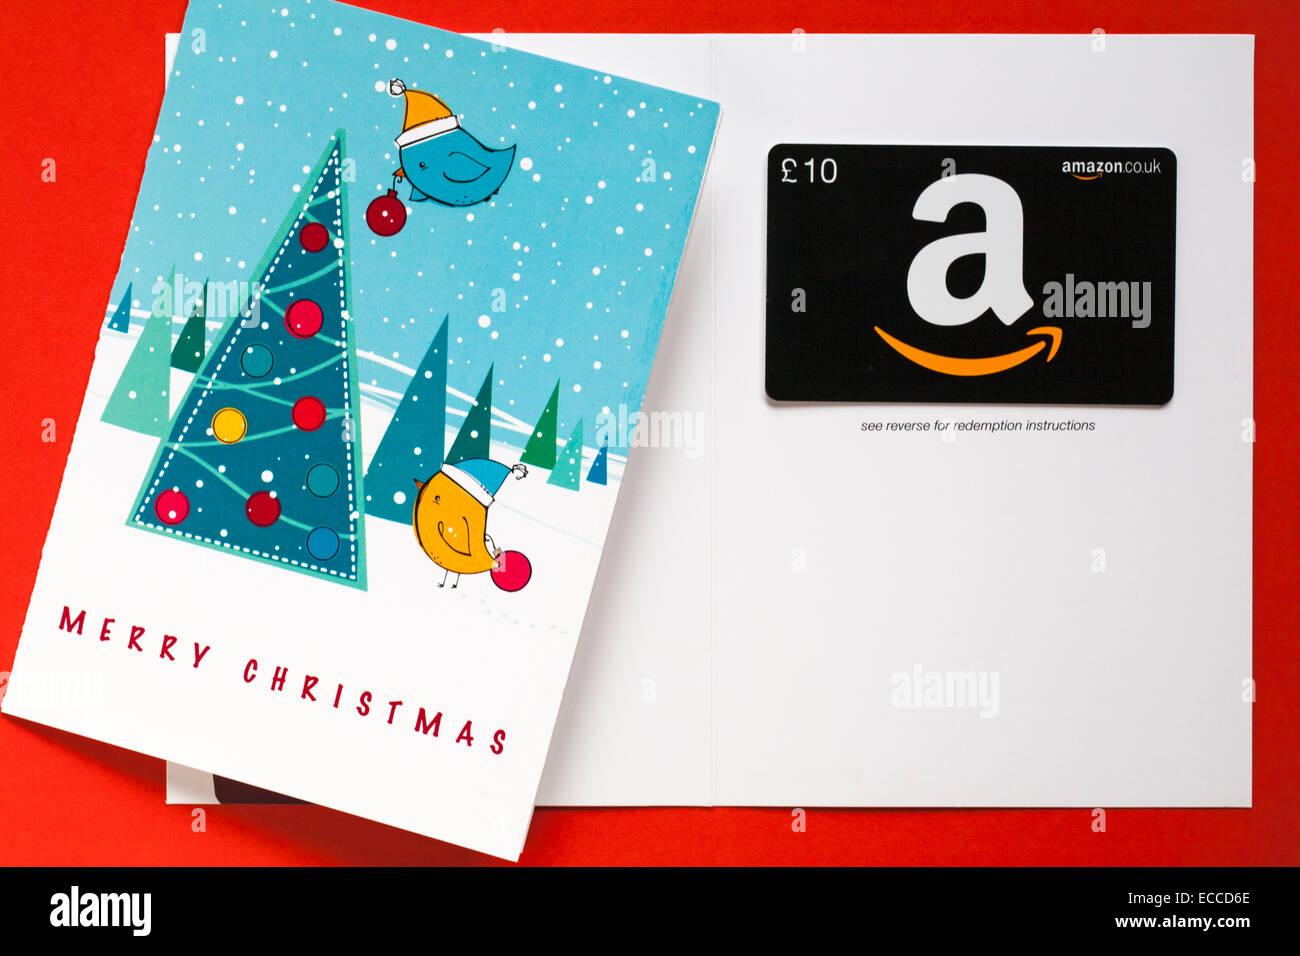 Amazon frohe Weihnachten giftcard mit Vögeln schmücken ...